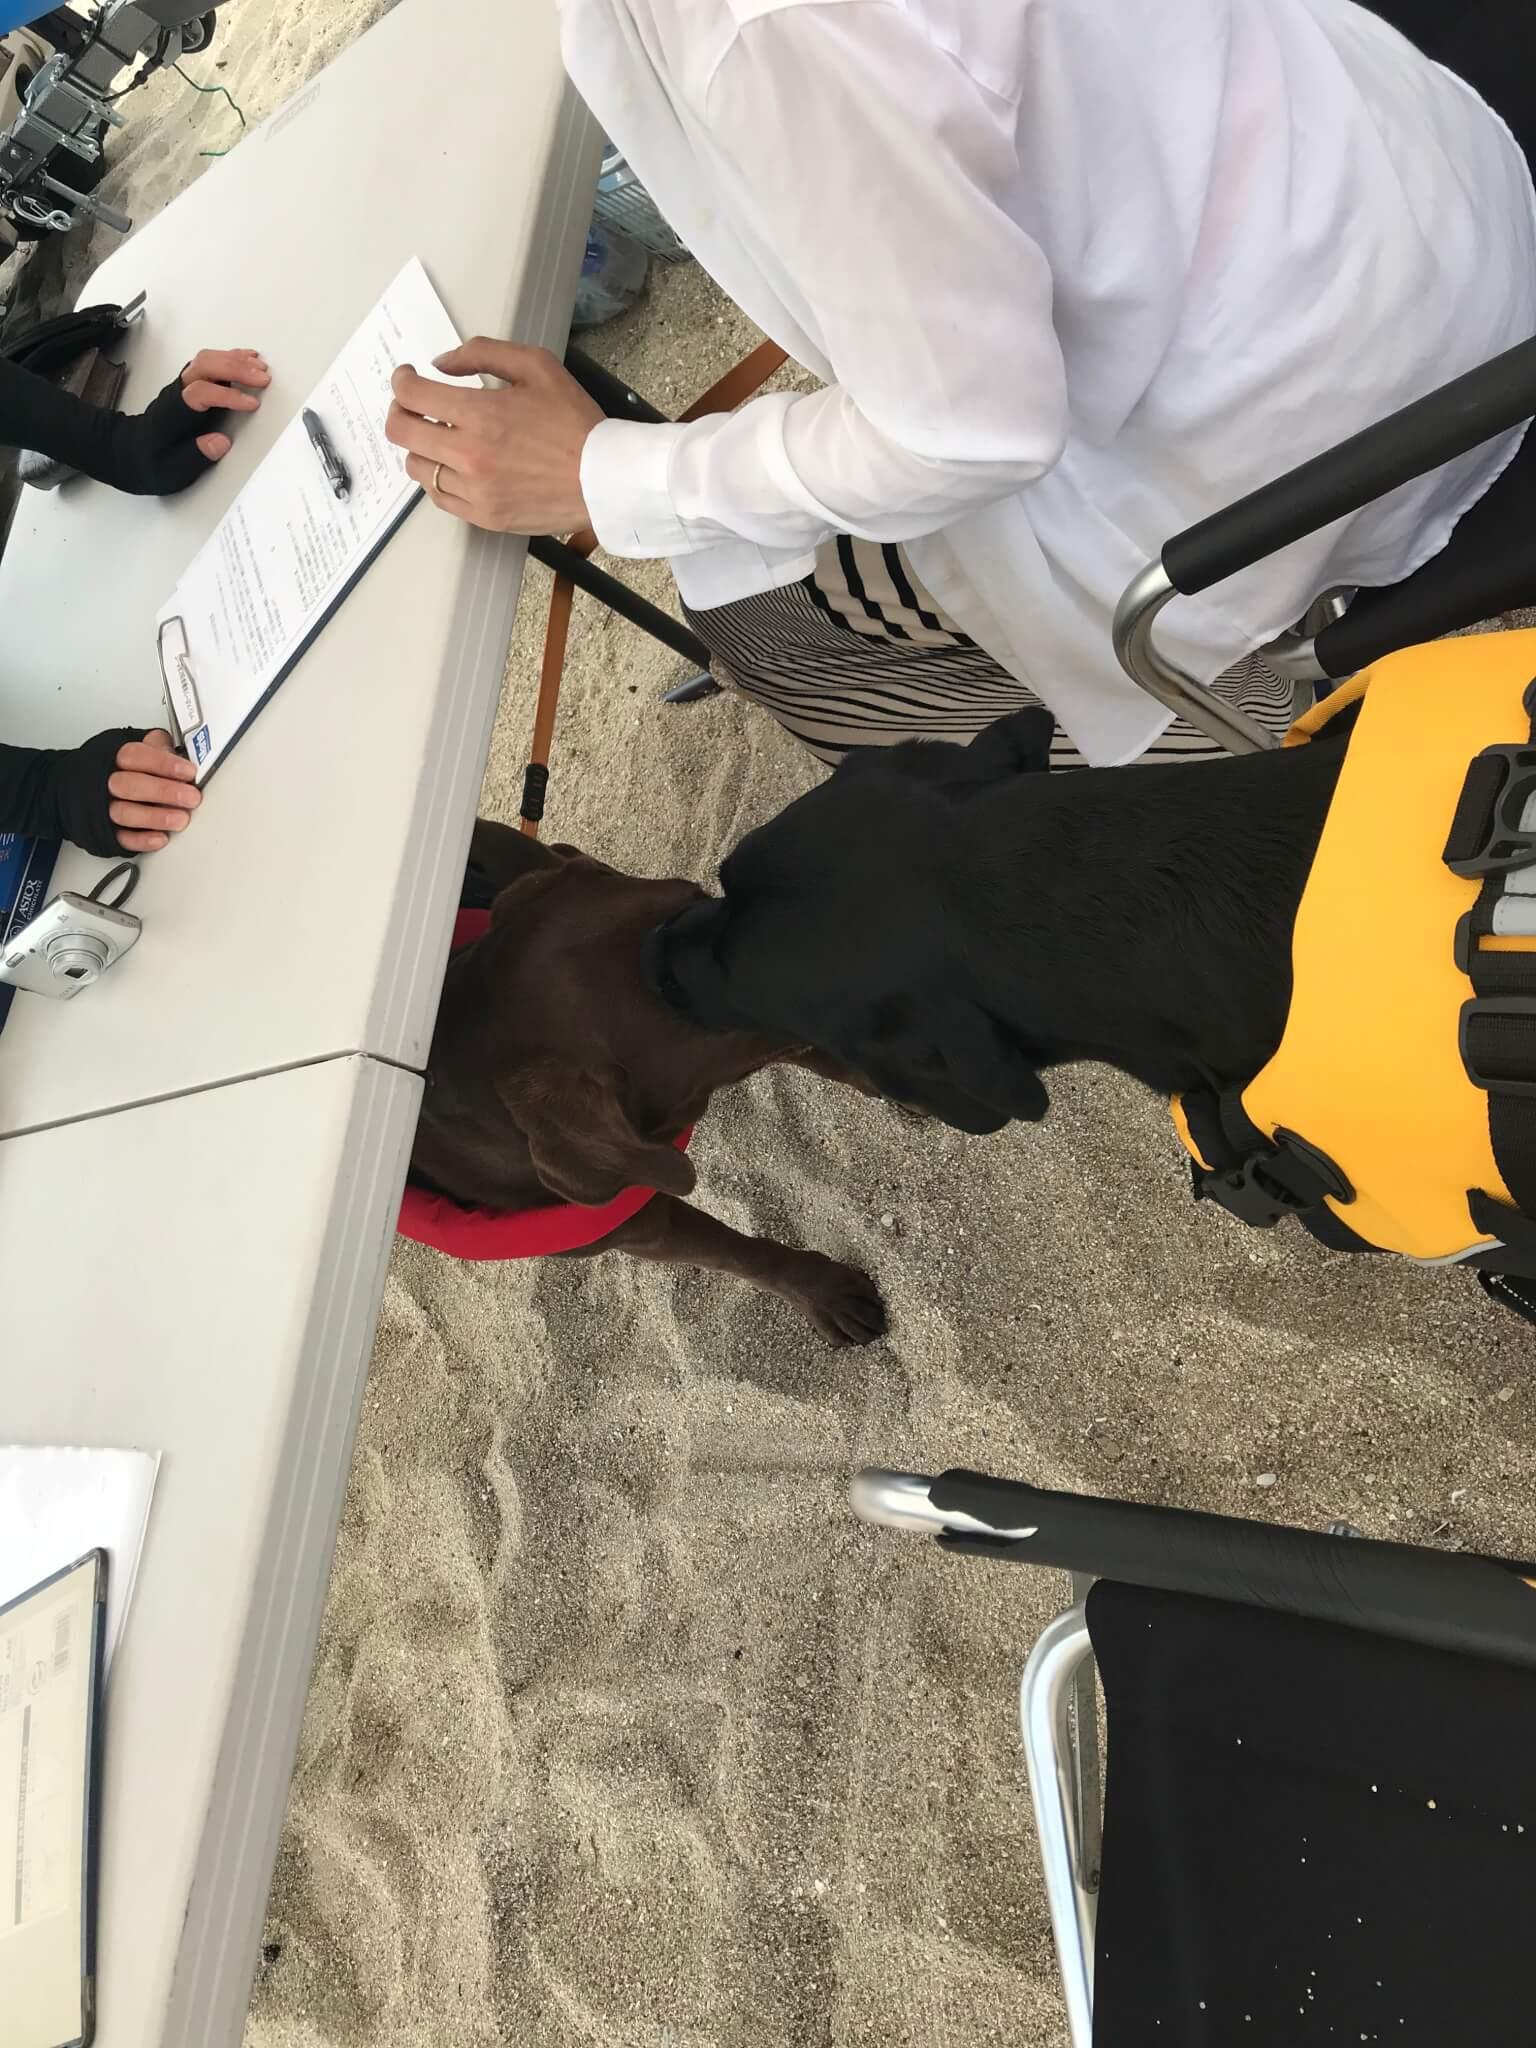 二色の浜 SUP 受付 手続き 机の下に犬